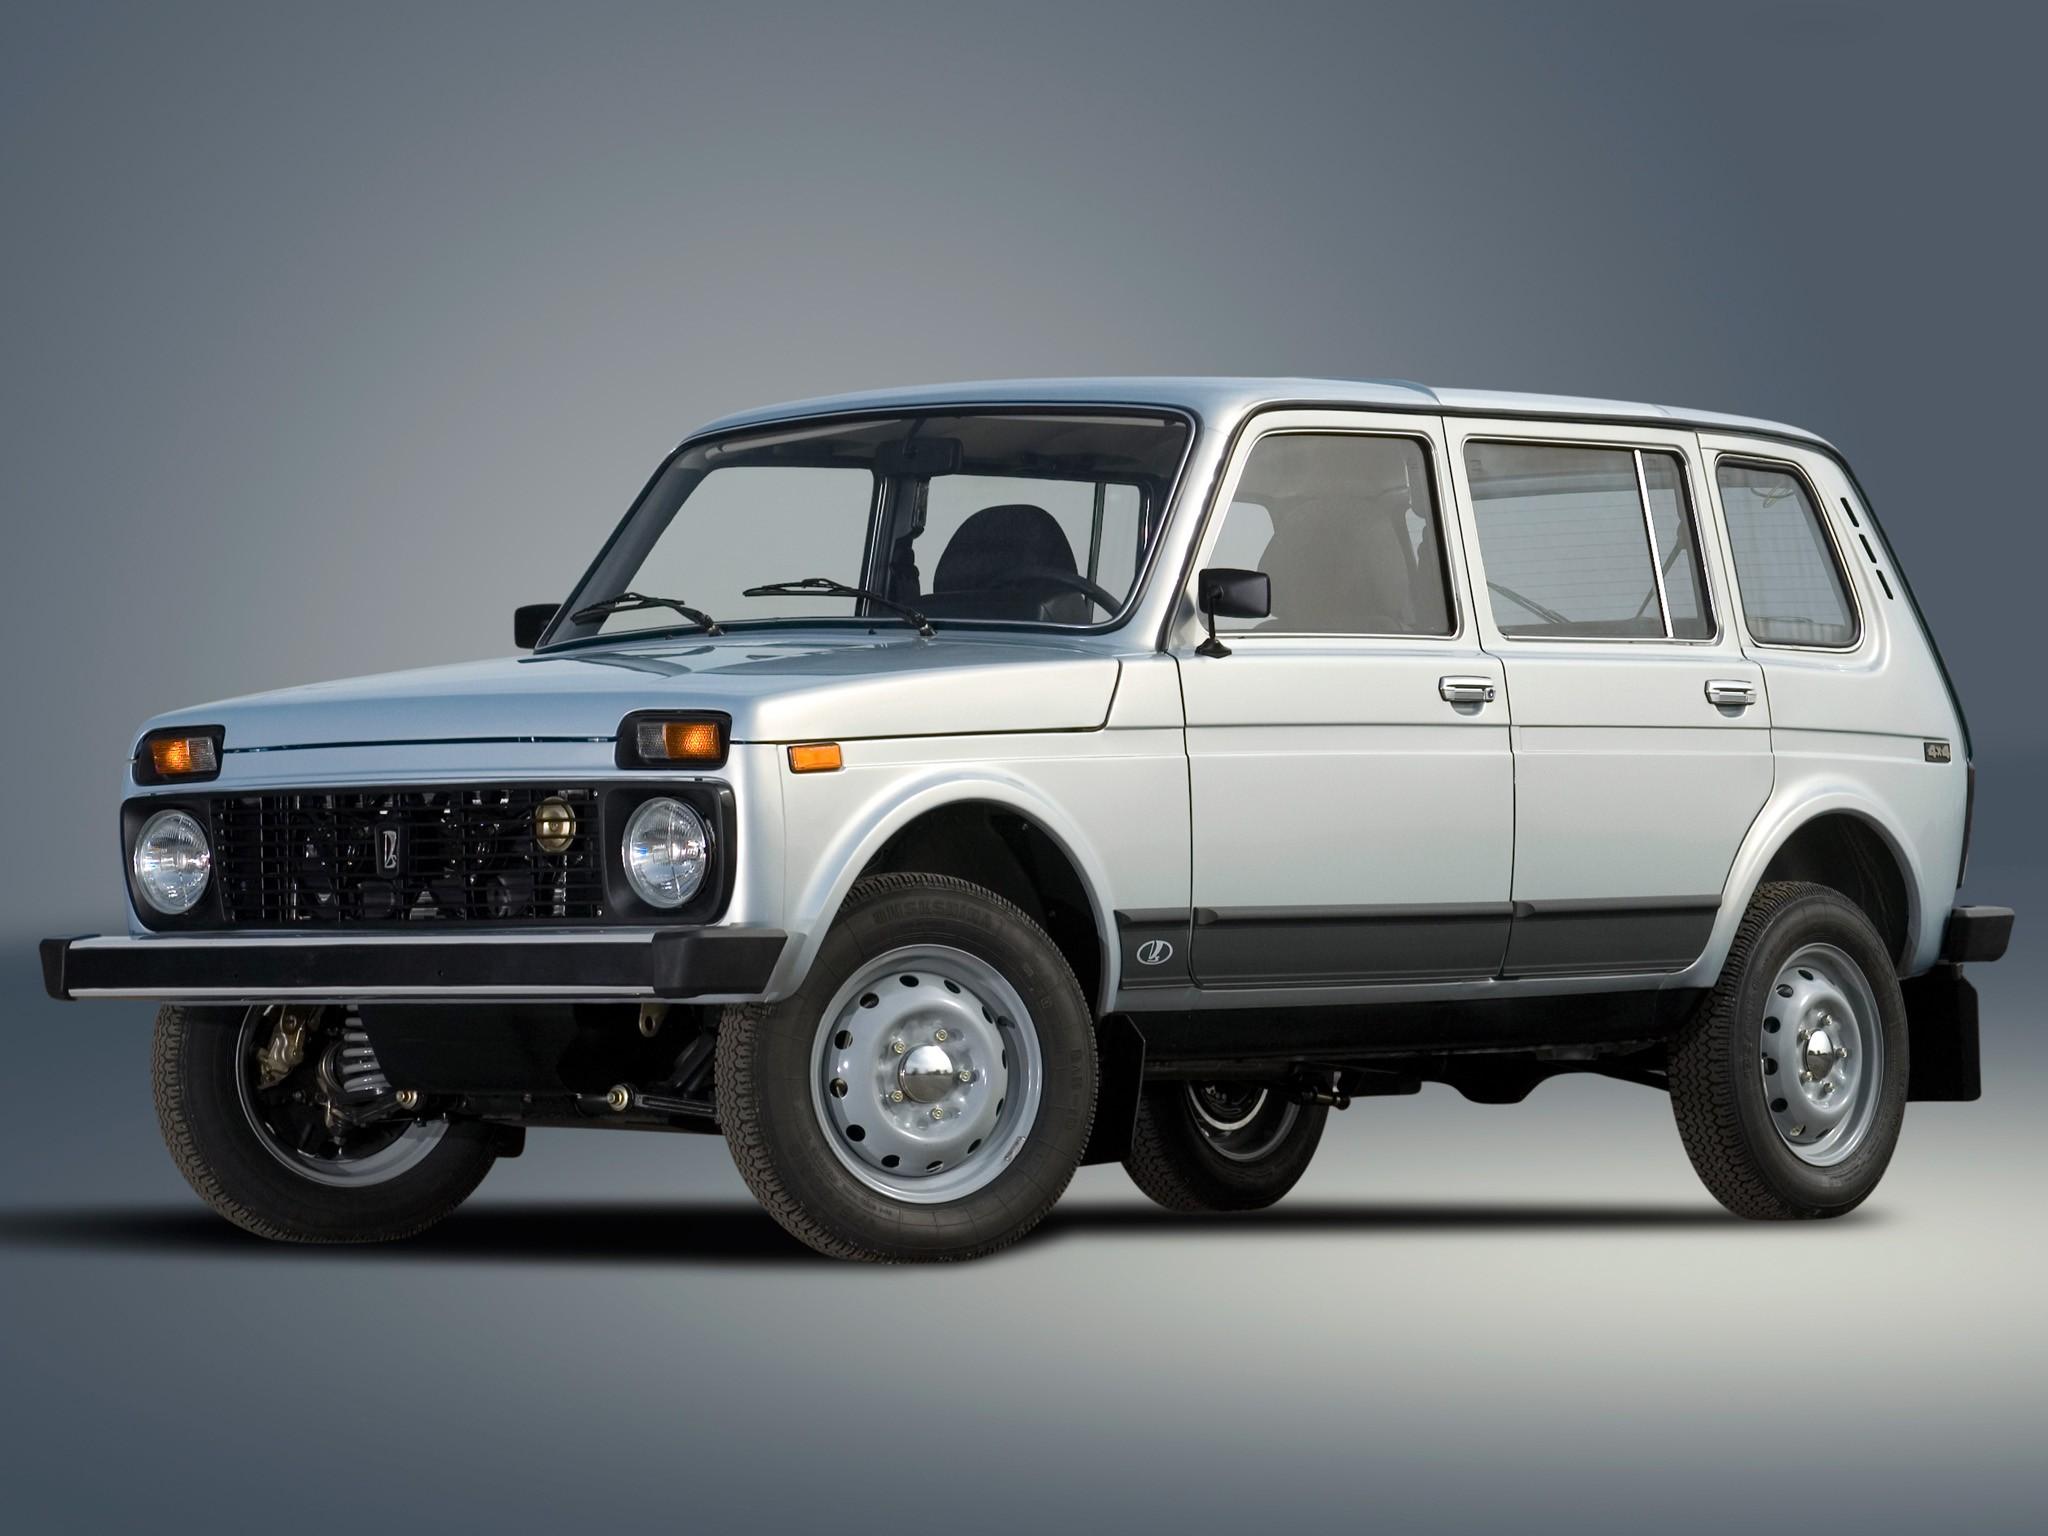 Lada стала самой популярной маркой 2015 года в России по версии'Авто